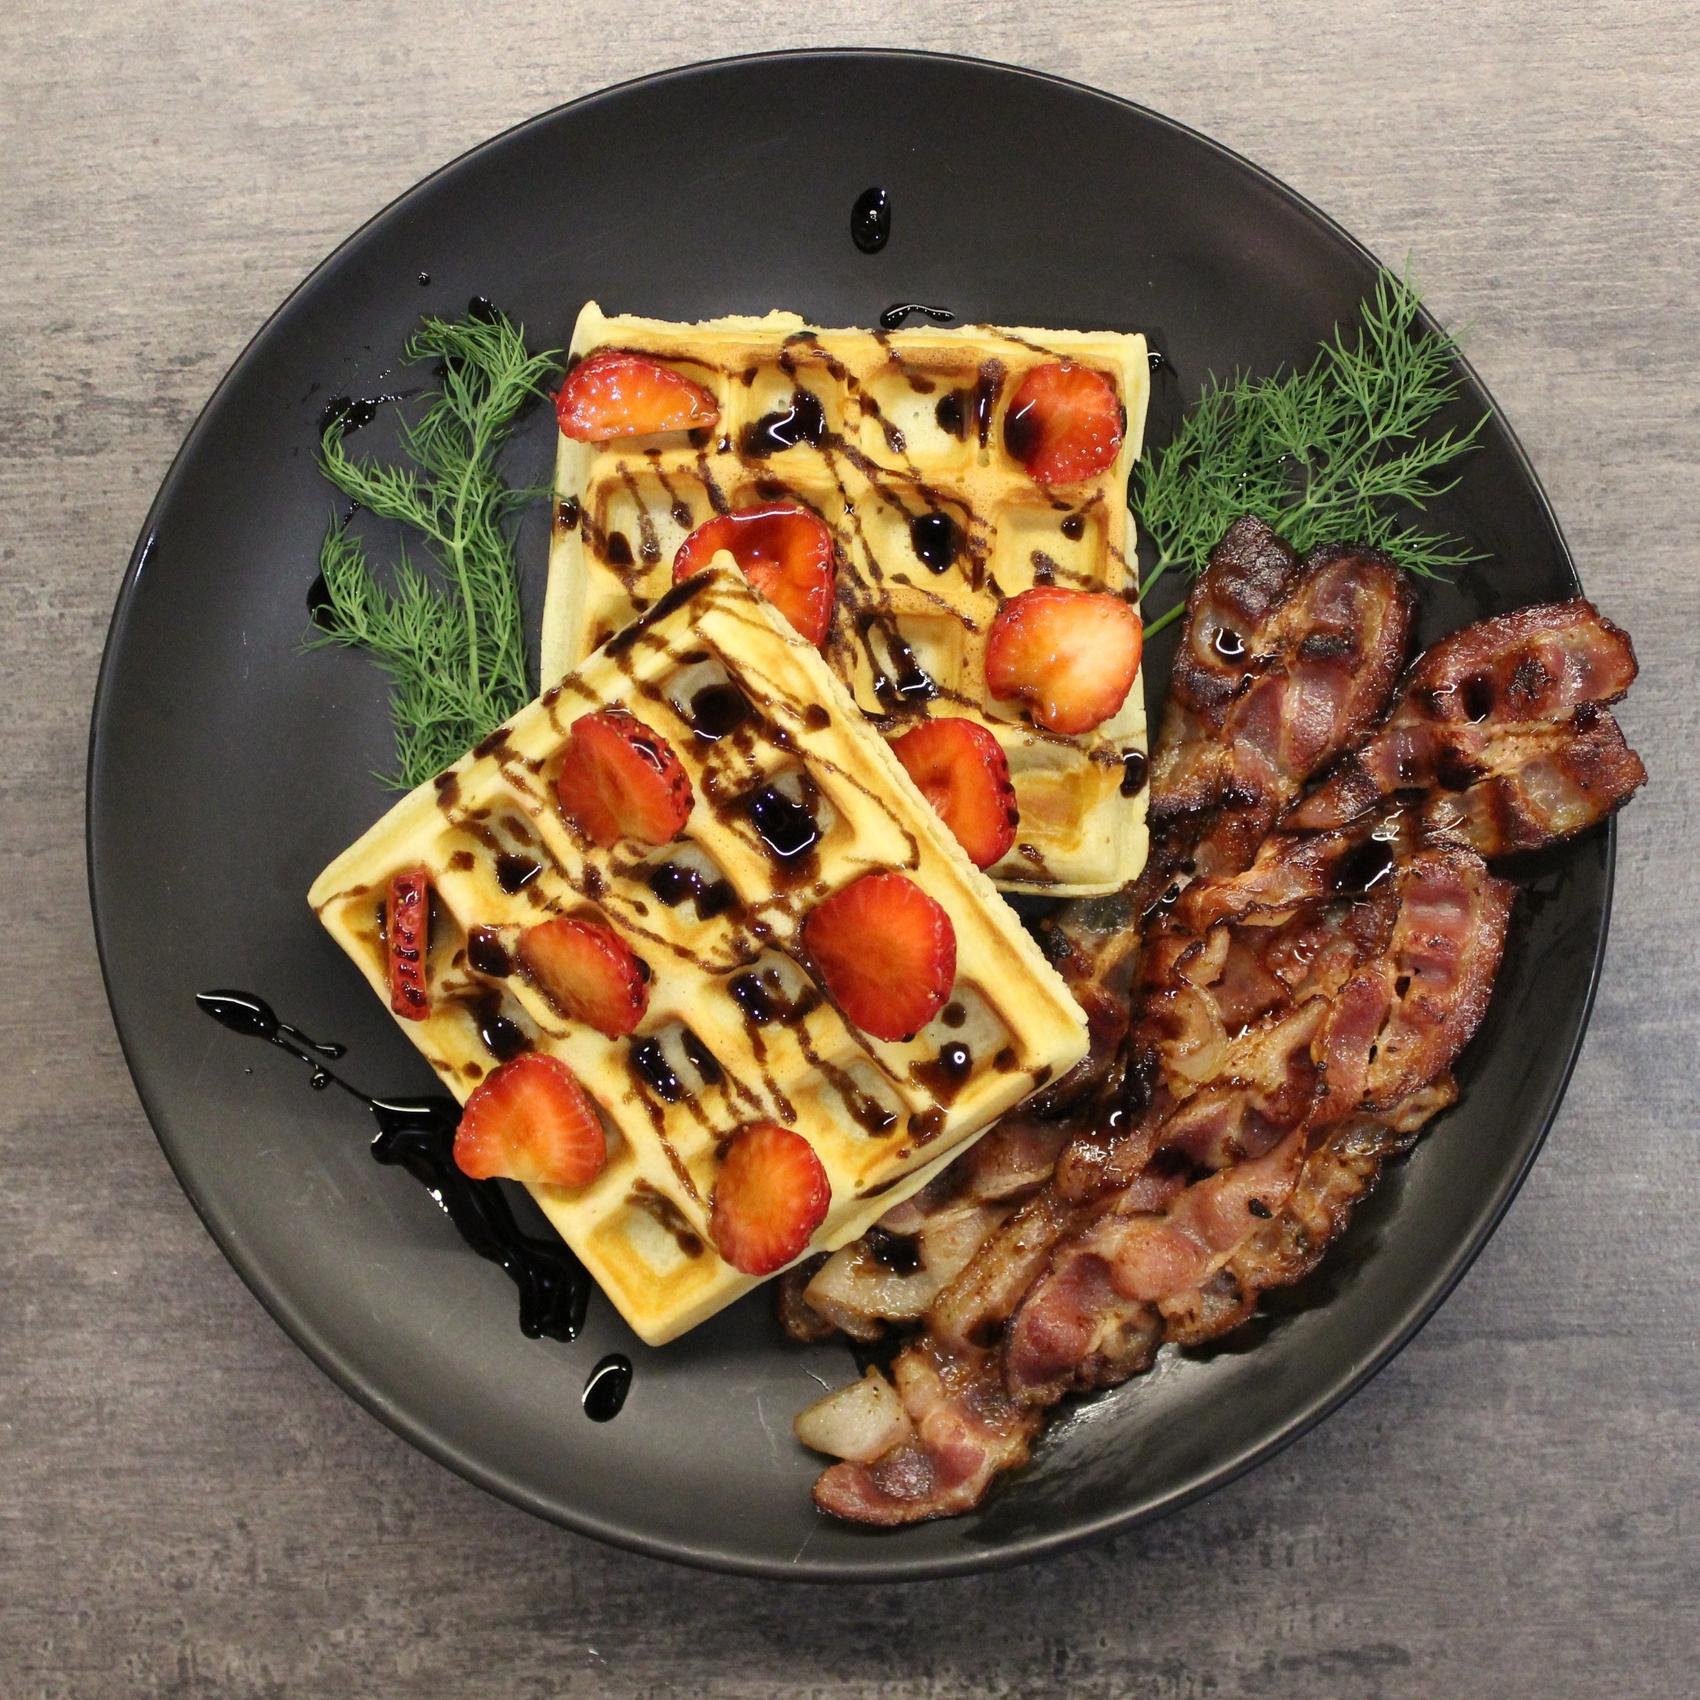 Бельгийские вафли, клубника, бекон, бальзамический соус и веточка тимьяна - это удивительное сочетание вкусов и новый кулинарный шедевр!